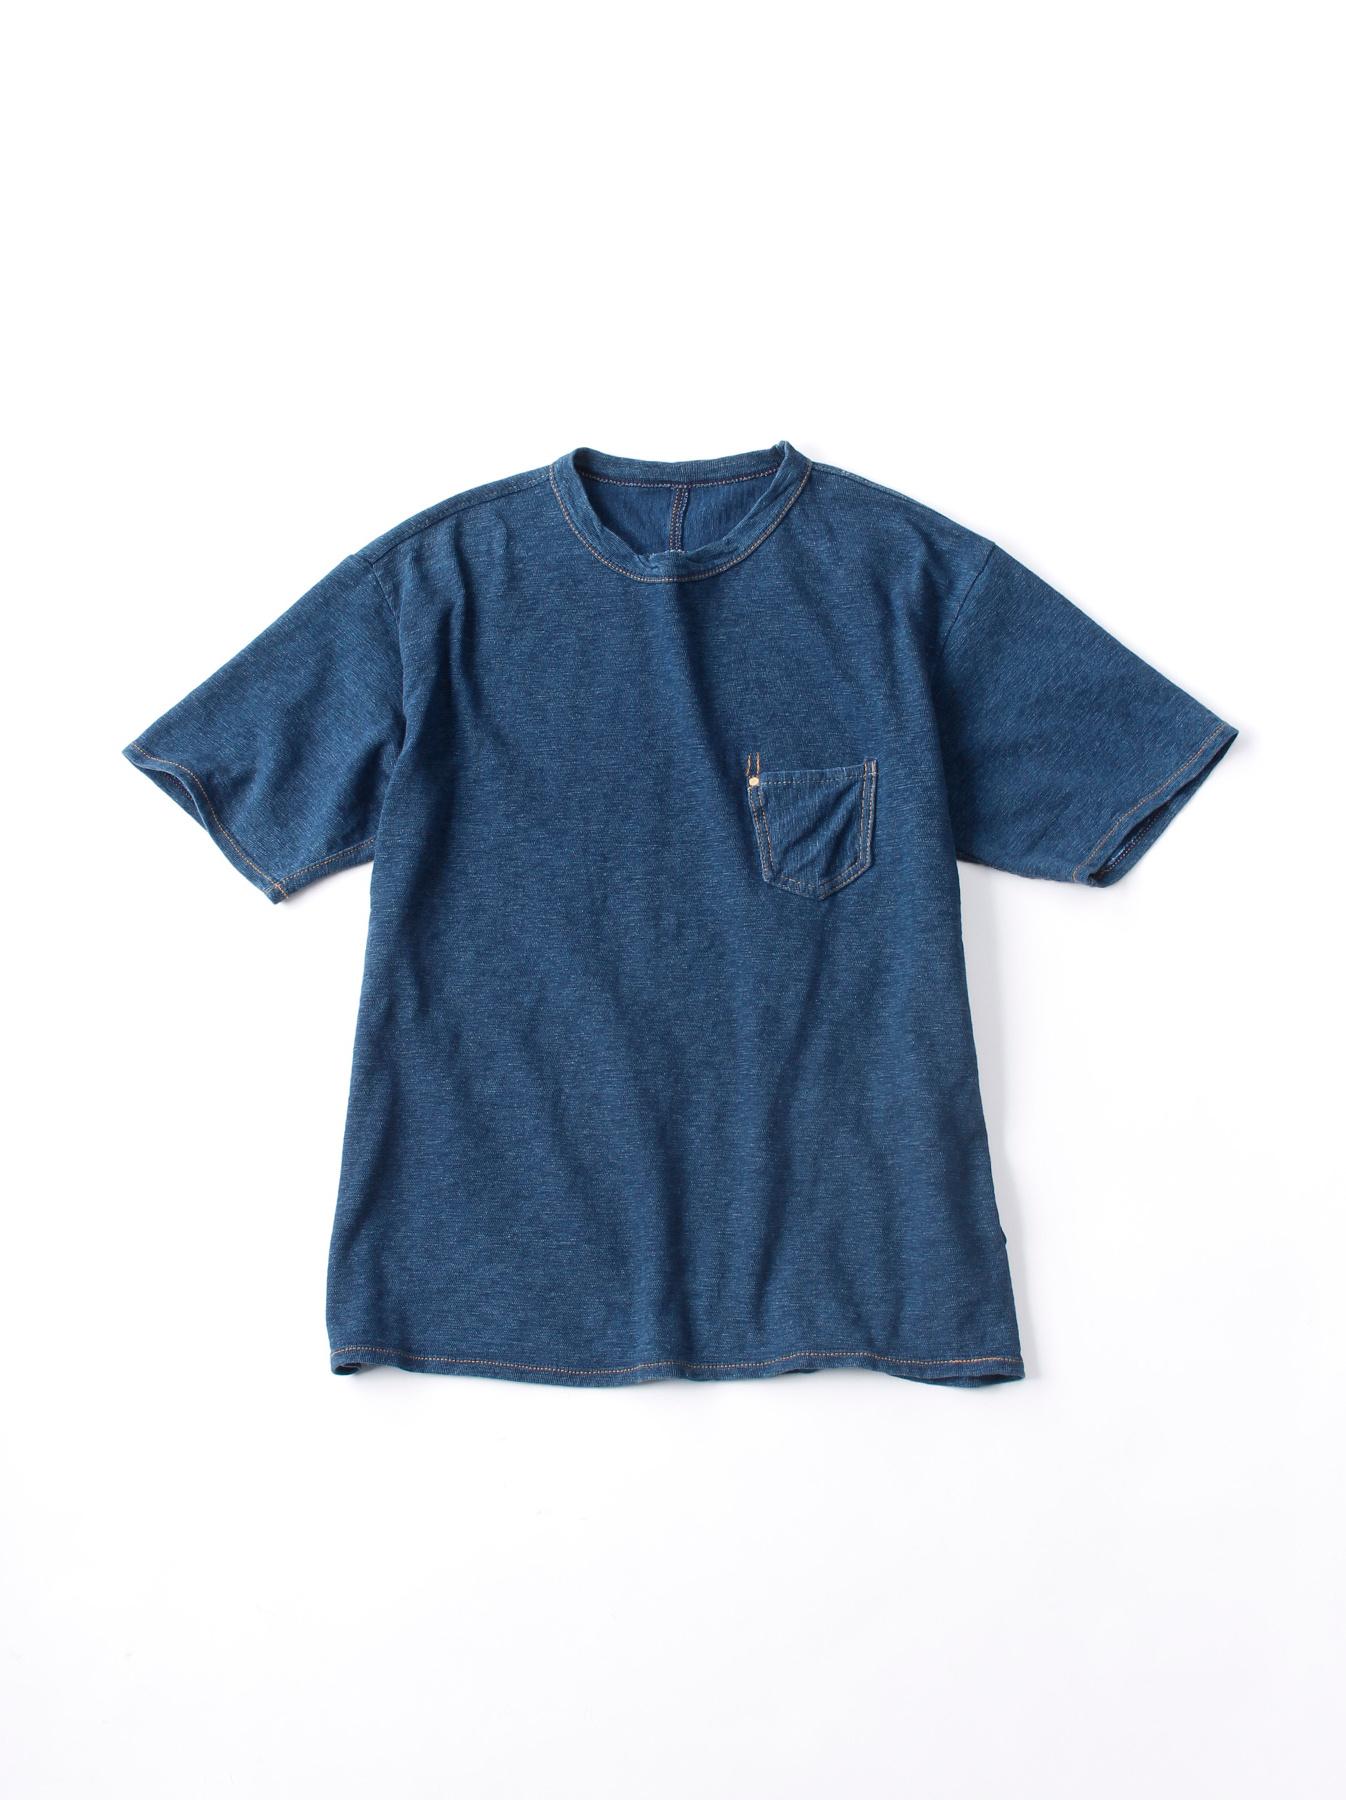 WH Indigo Plating Tenjiku T-shirt Distressed-1